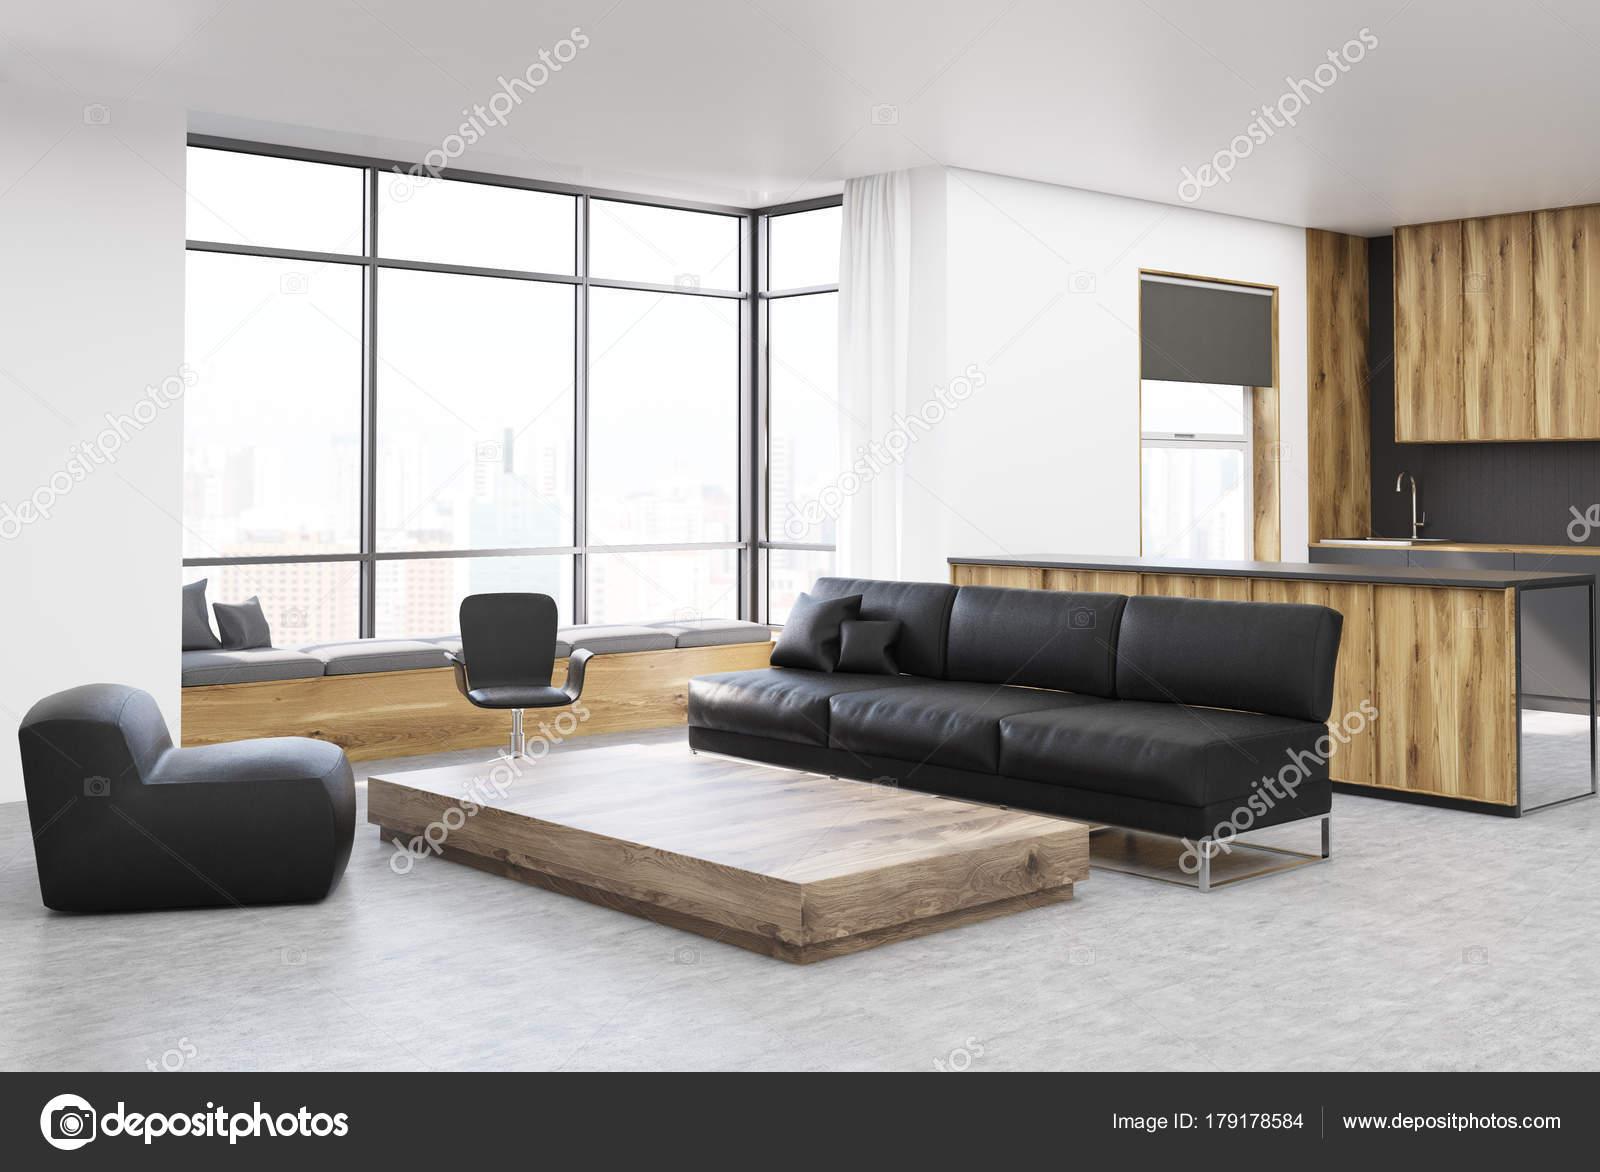 Wit woonkamer hoek vierkante tafel en slaapbank — Stockfoto ...